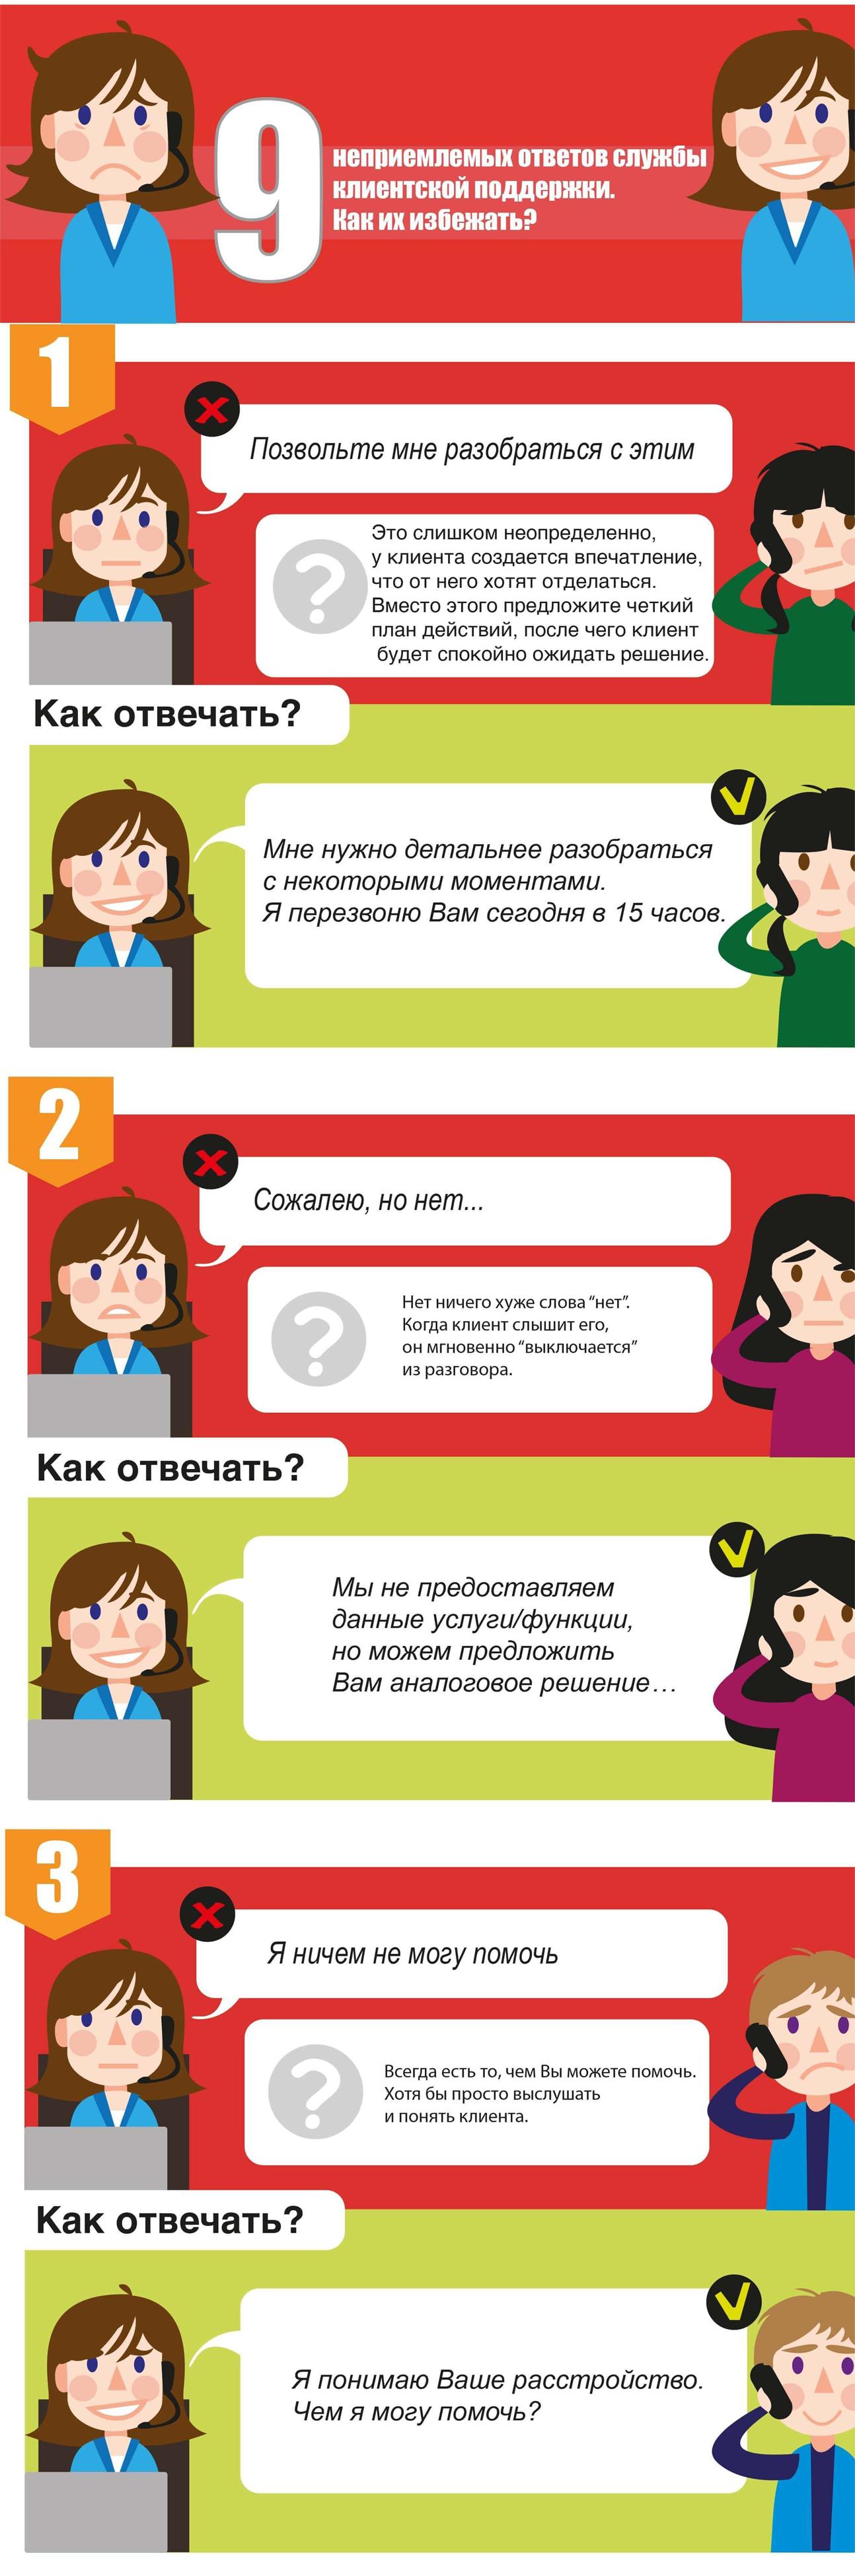 9 запретных ответов клиентам - 2